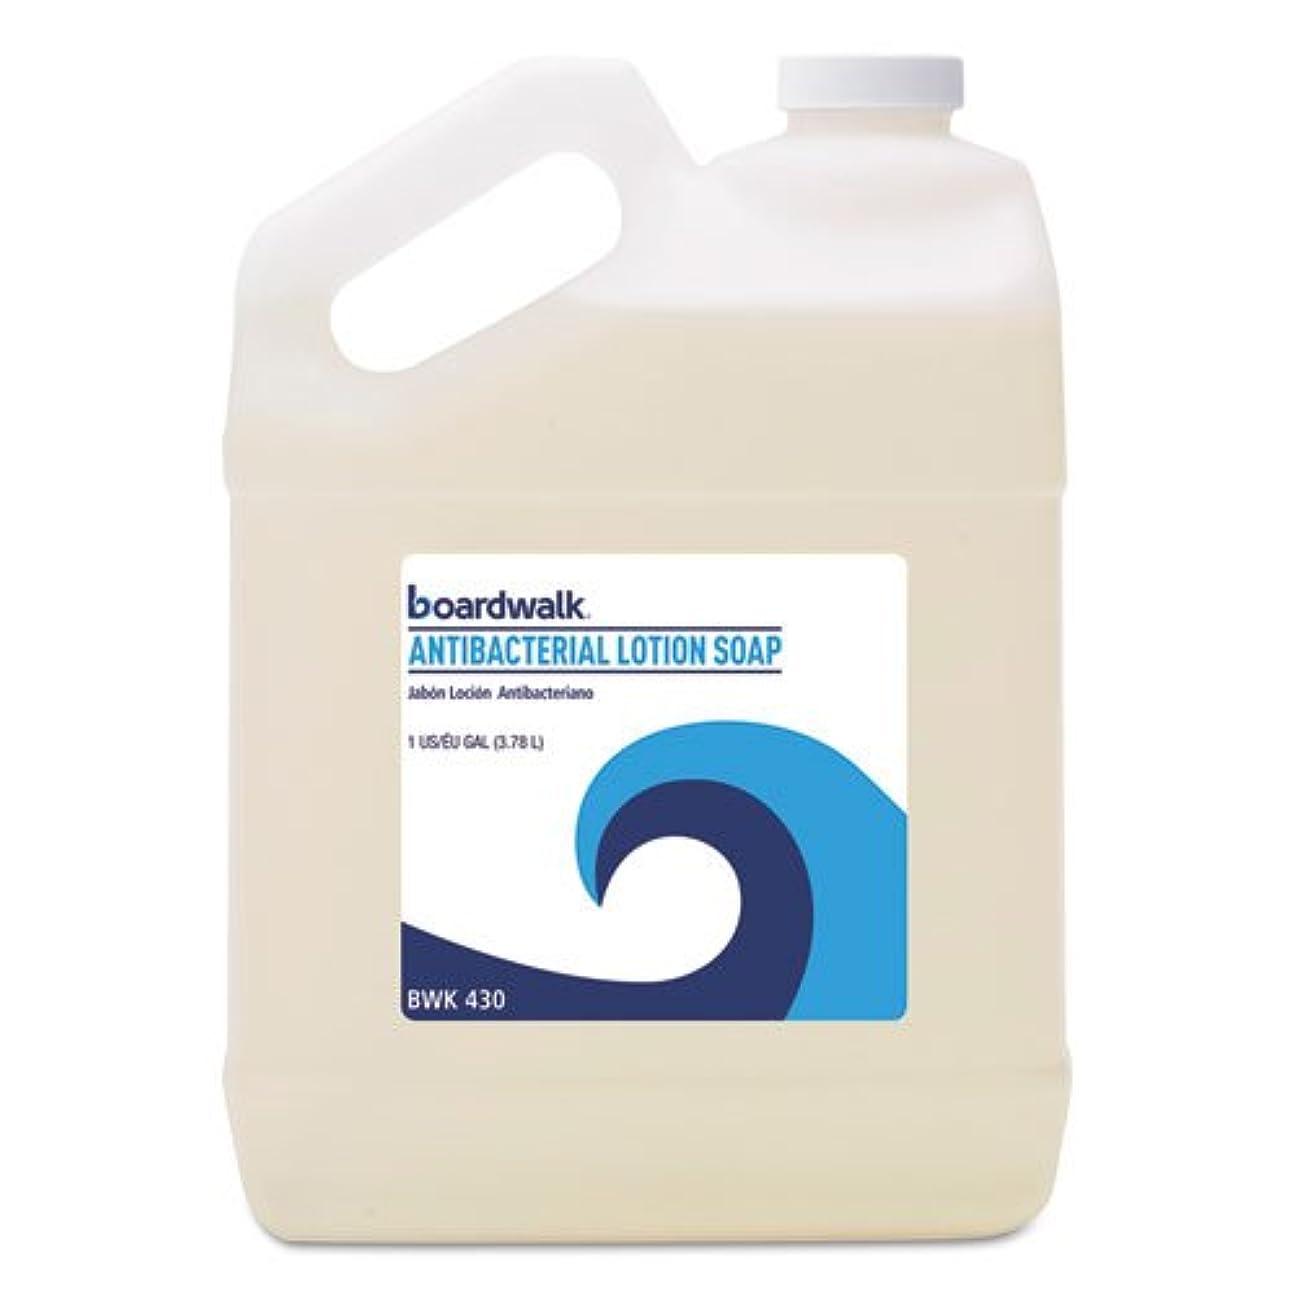 空気憂慮すべきポンドBoardwalk 抗菌液体石鹸 フローラルバルサム 1ガロンボトル